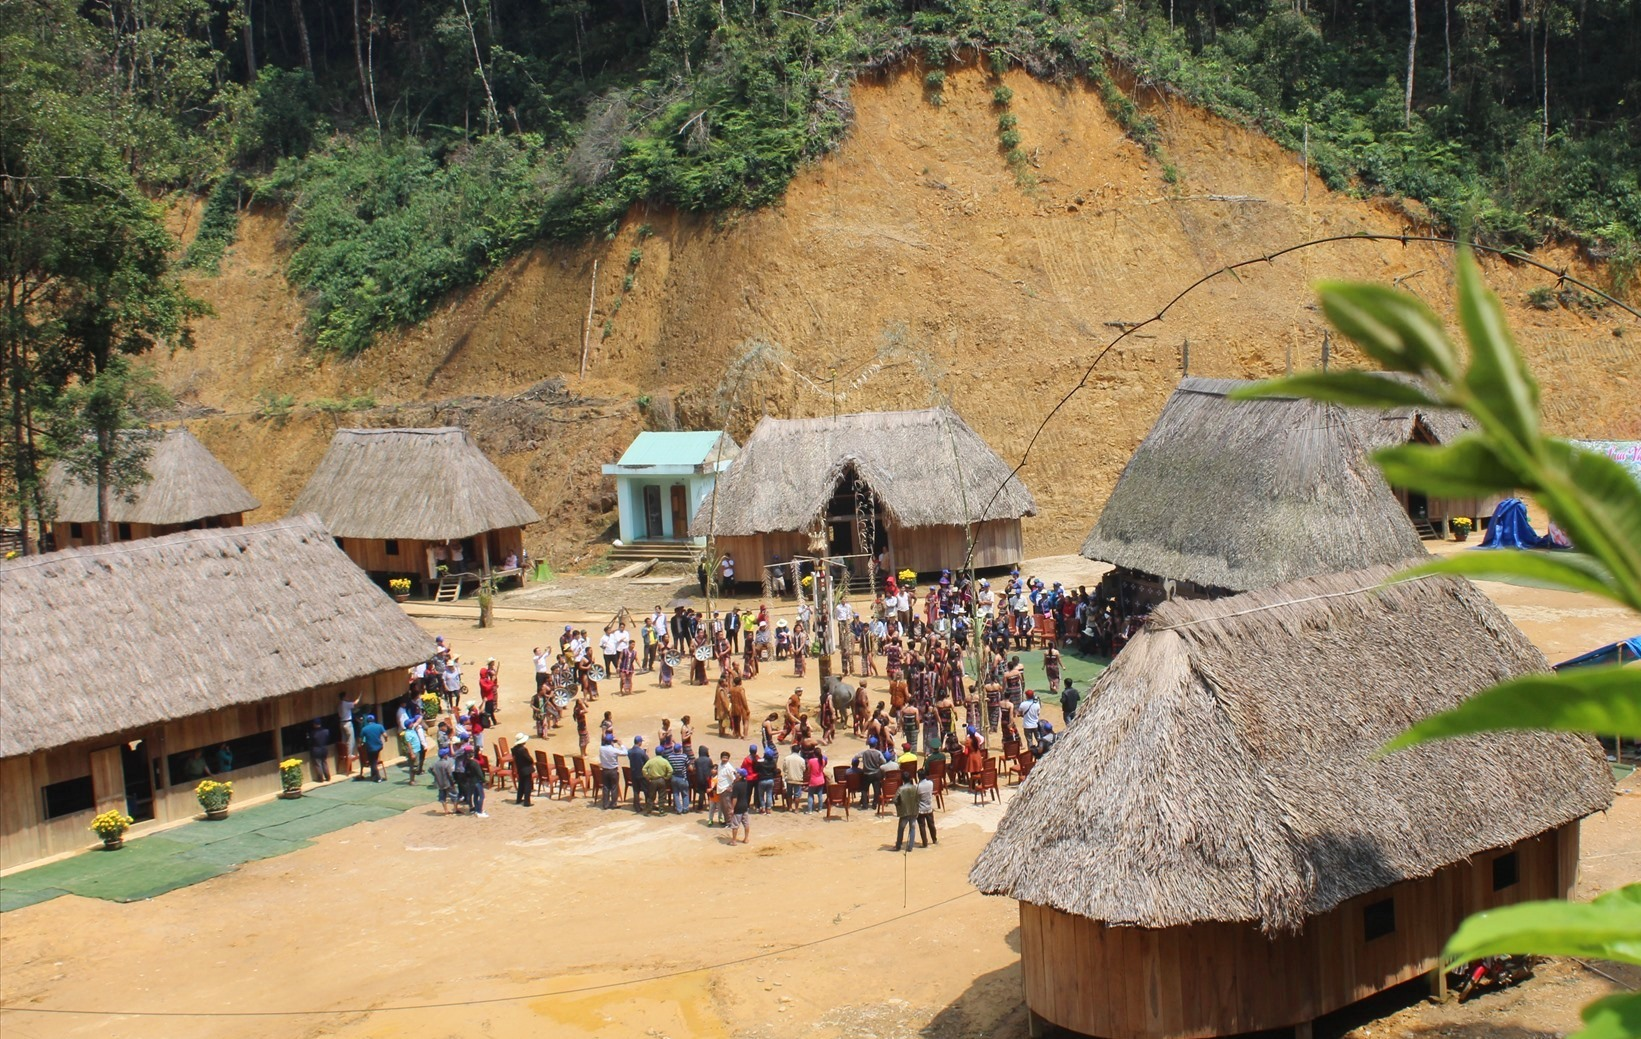 Lễ Khai năm tạ ơn rừng được tổ chức hằng năm tại Làng sinh thái di sản Pơmu